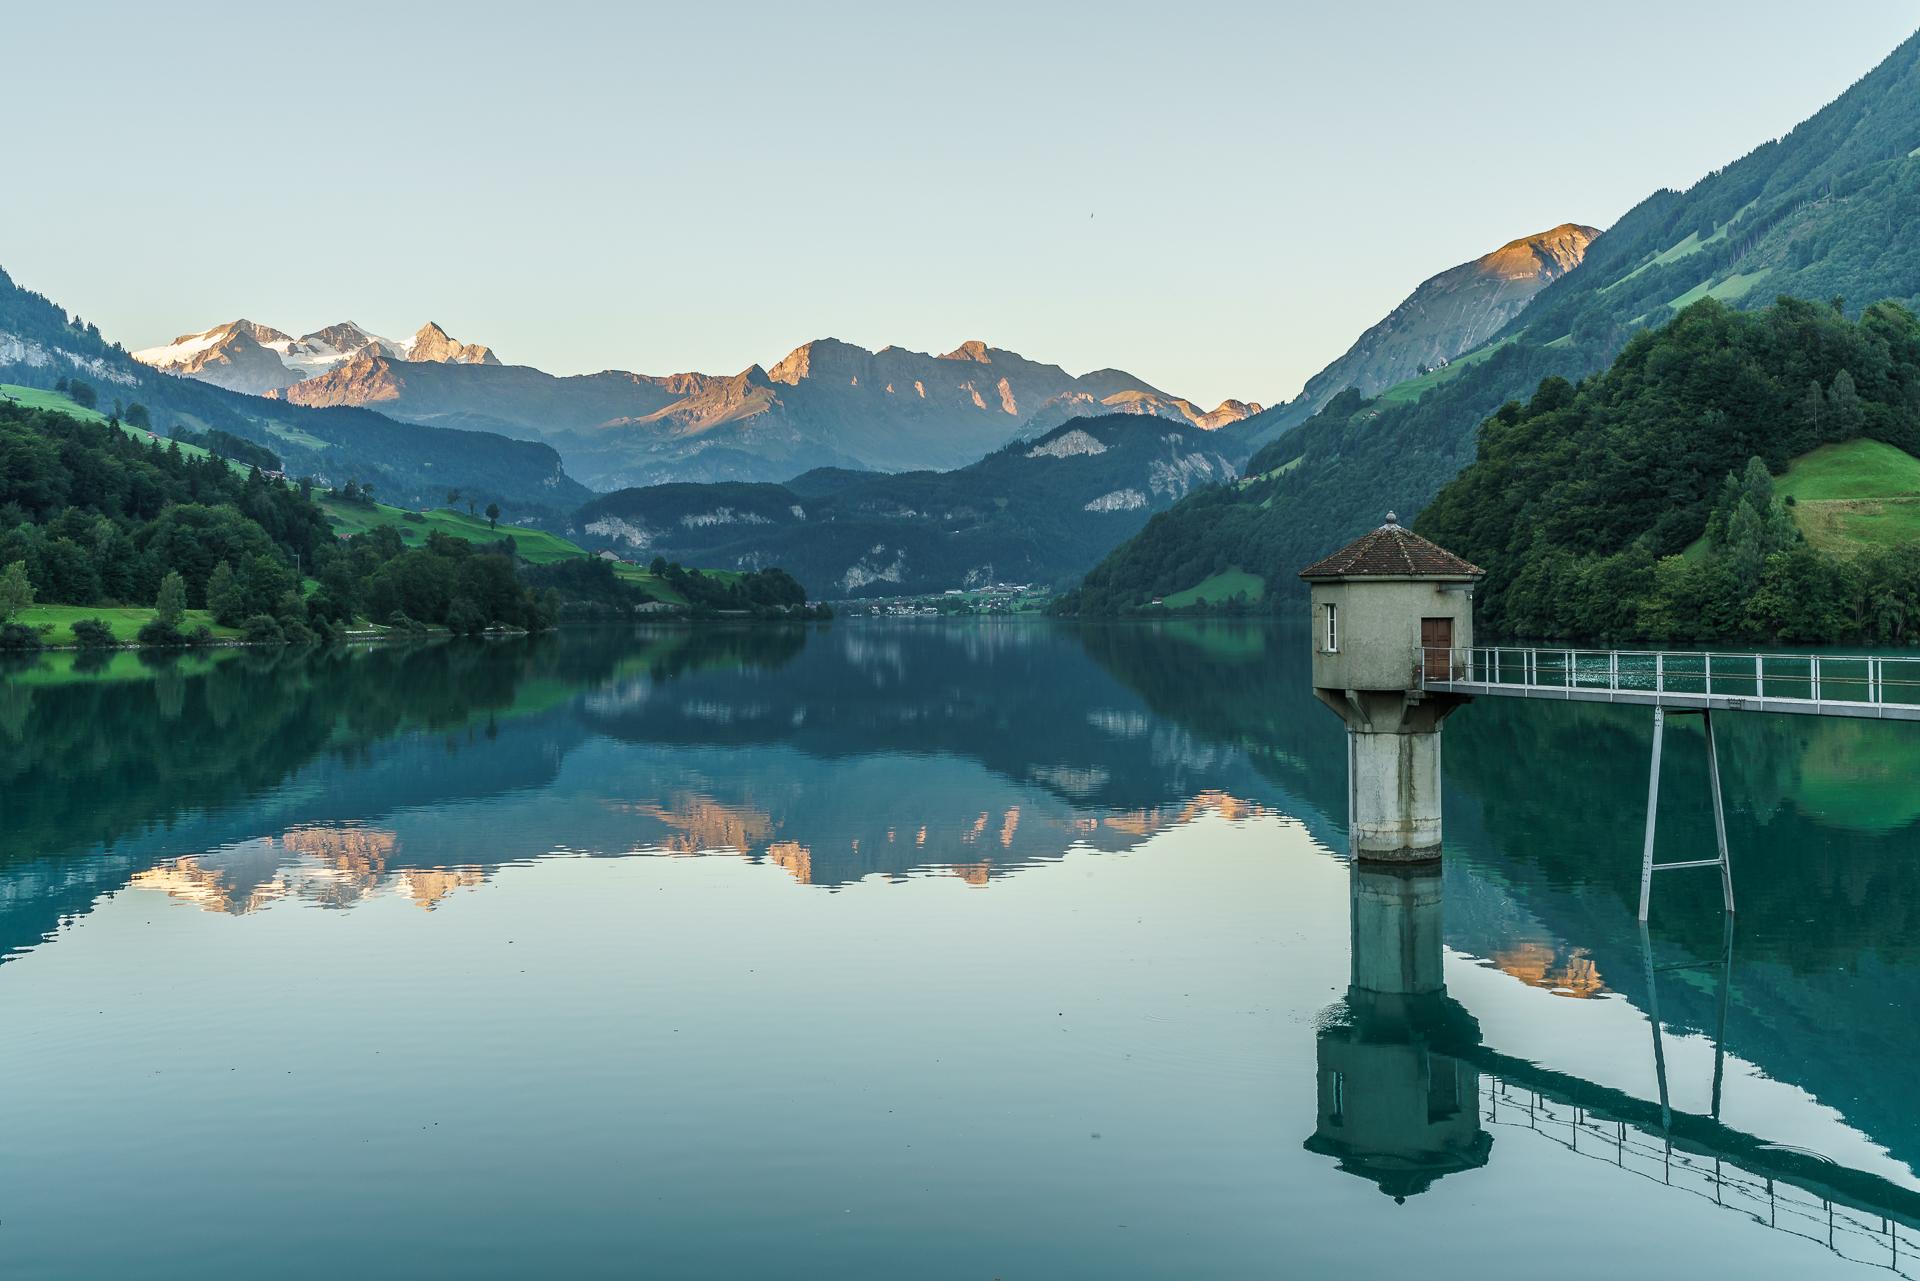 Lungernsee-Obwalden